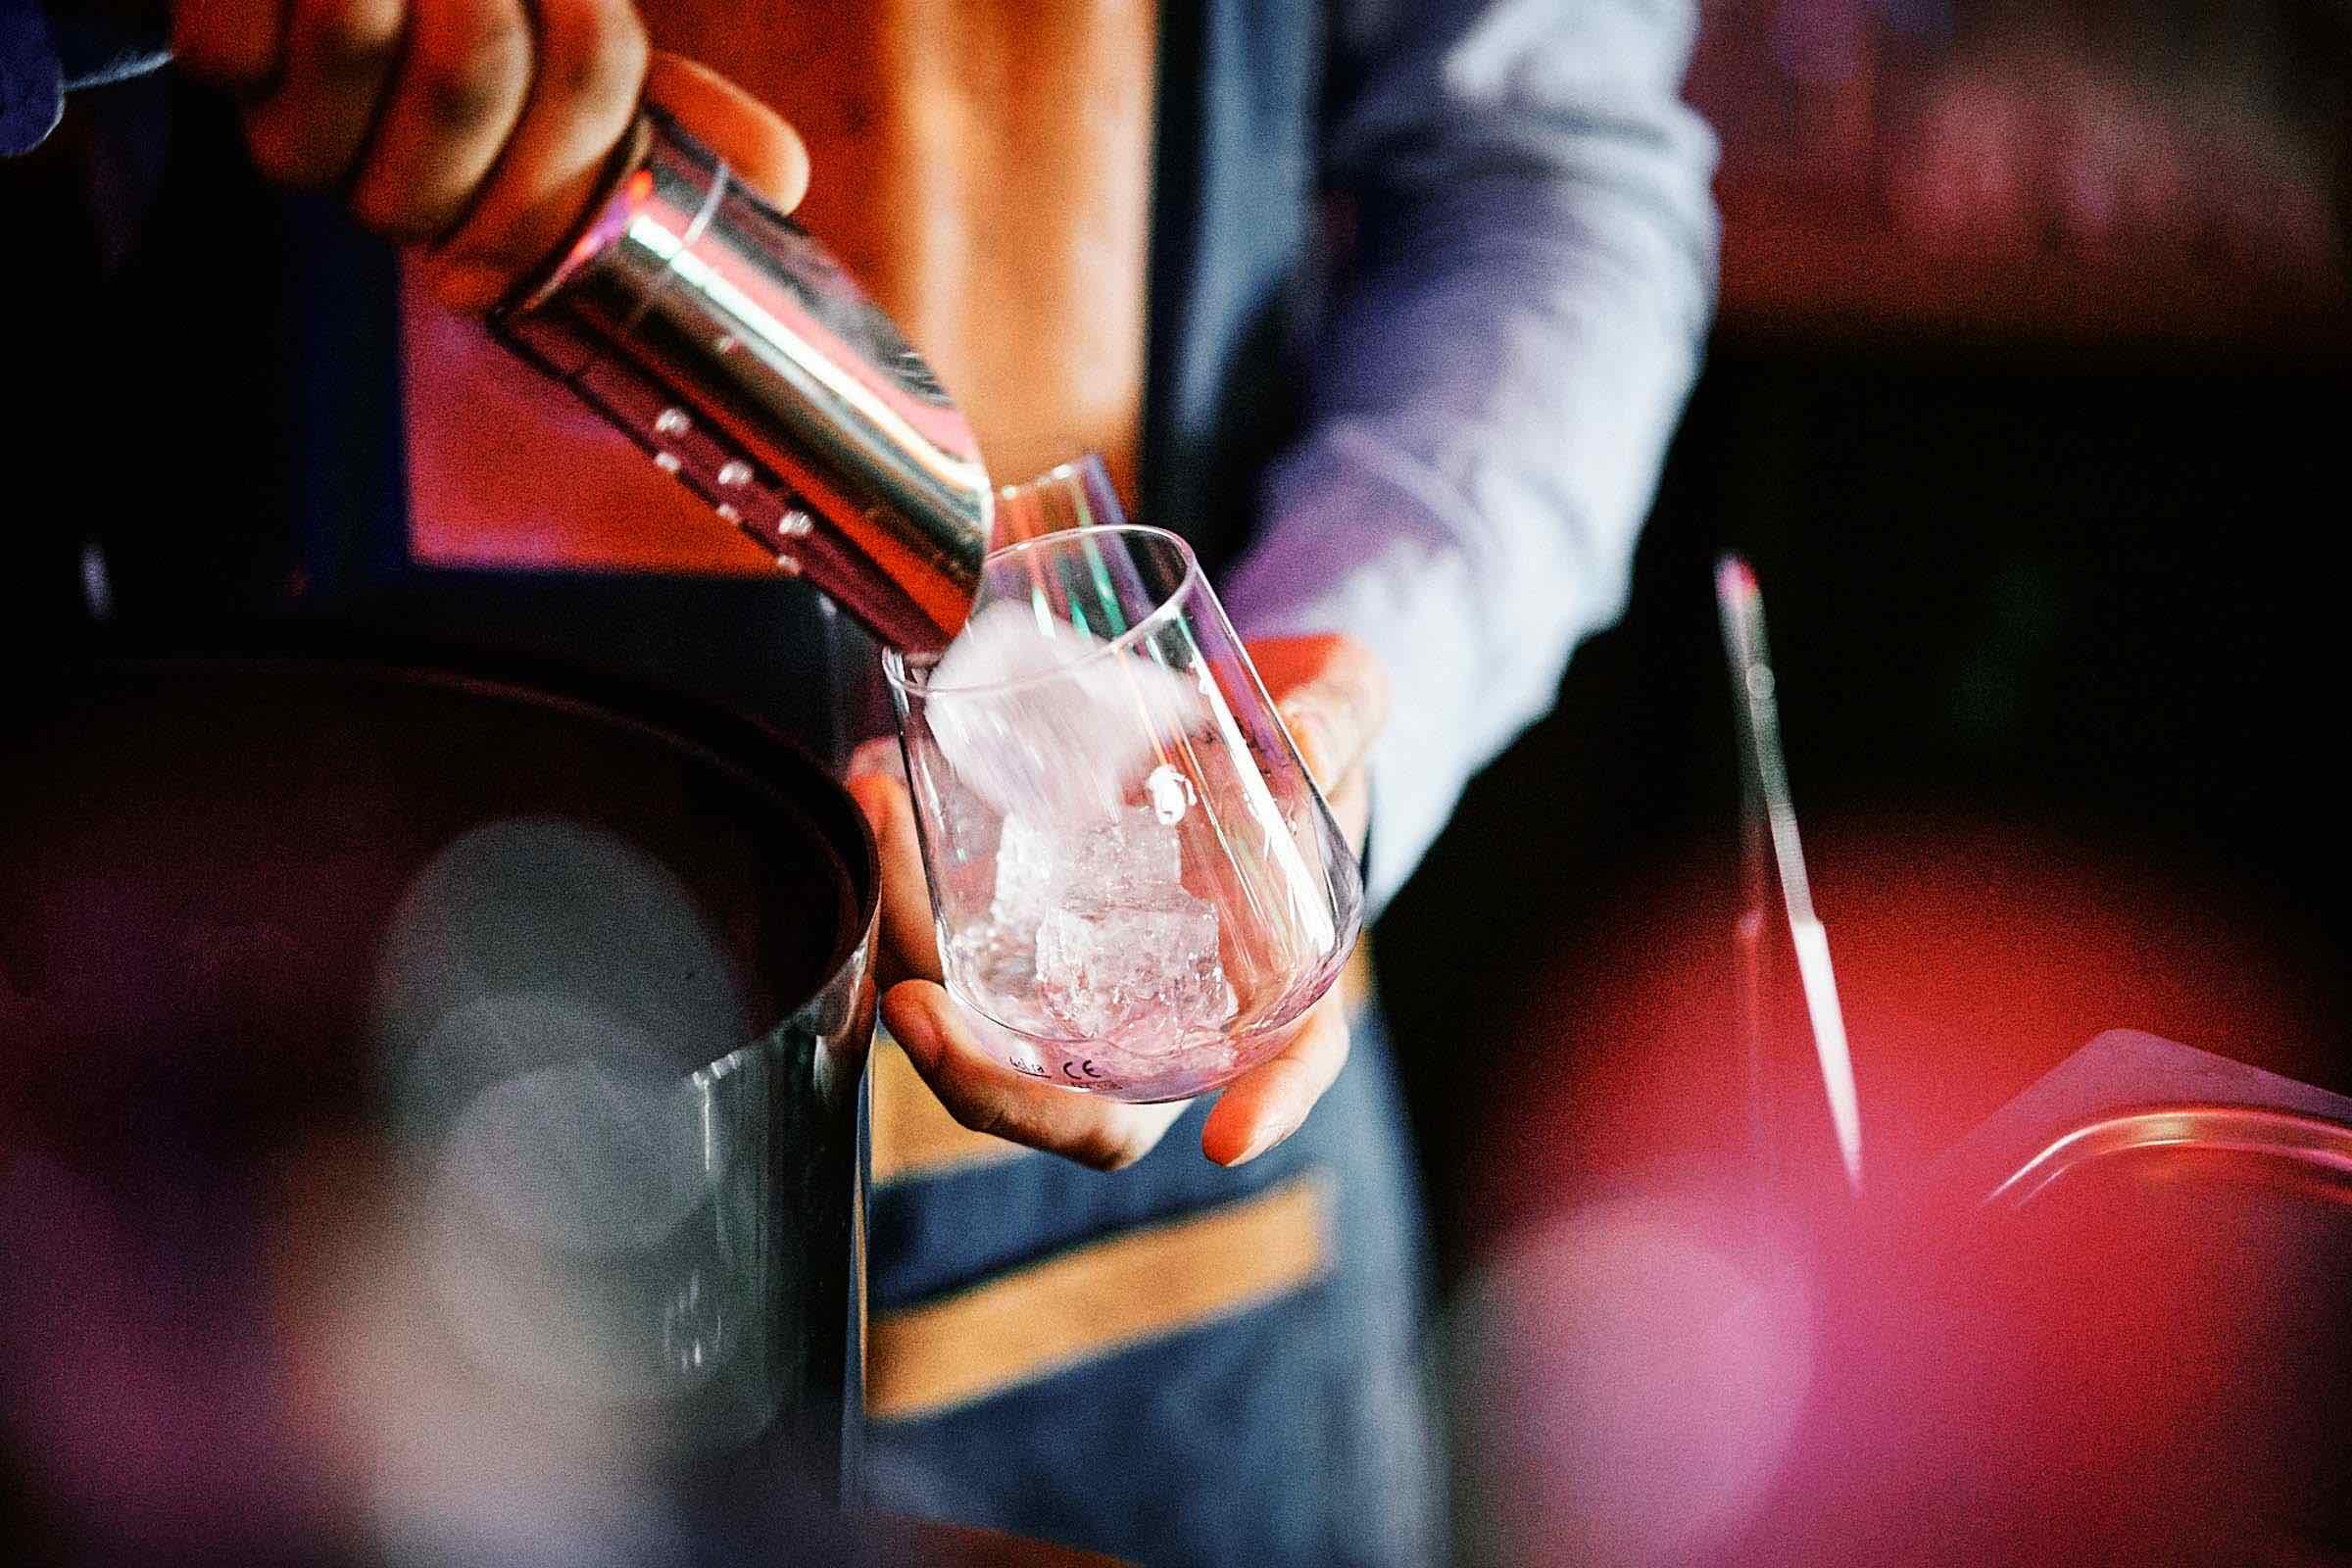 Mobile | Cocktailbar | Hamburg | Hochzeit | Sektempfang | Barkeeper | Mieten | Geburtstag | Ape | VW | Bar | Getränke | Catering | Foodtruck | Ginbar | Weinbar | Sektbar | Kaffeebar | Firmenfeier | Hamburgfeiert